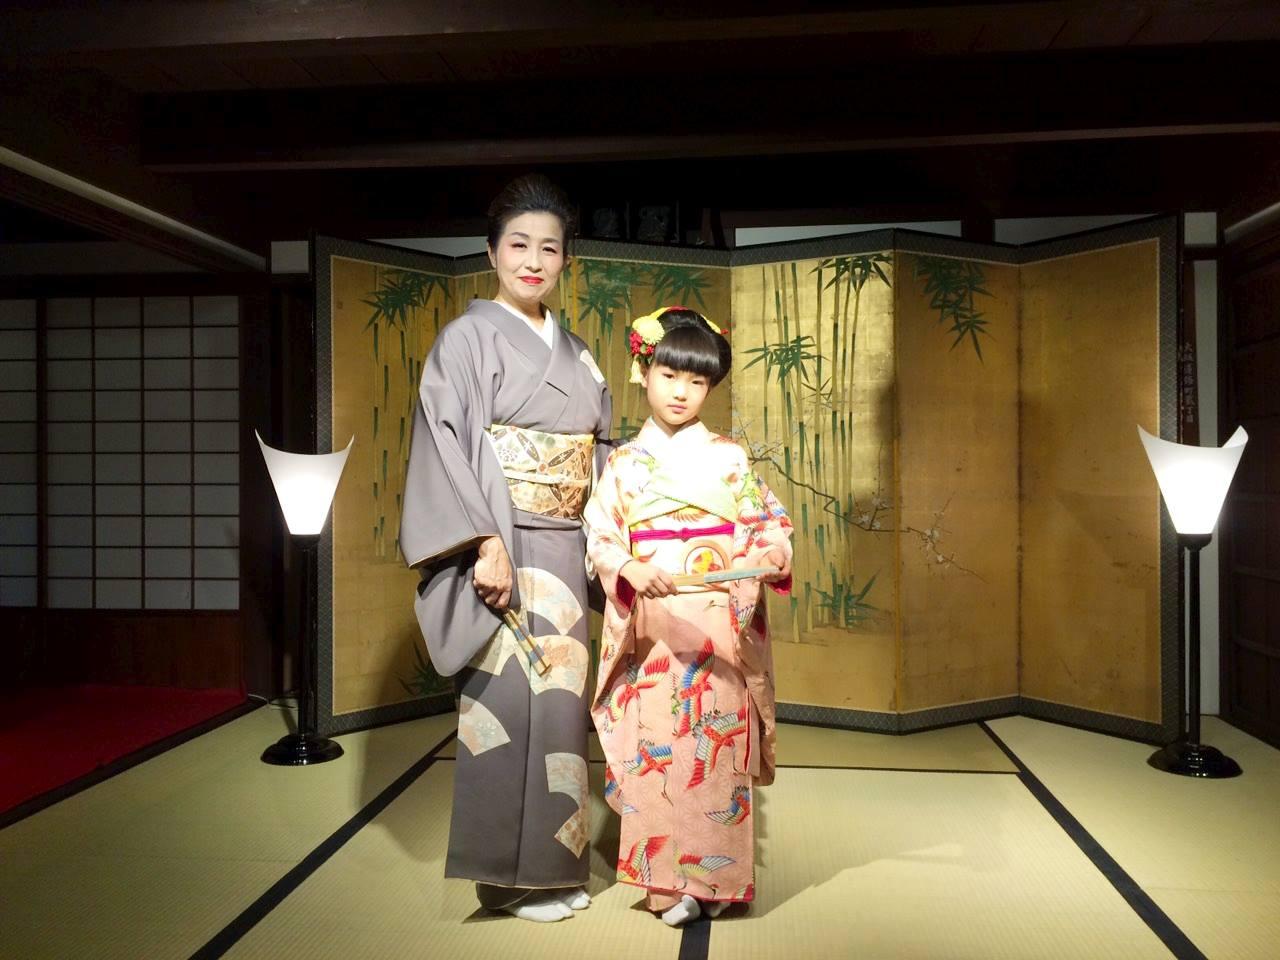 大阪住まいのミュージアム座敷舞2016・1記念撮影